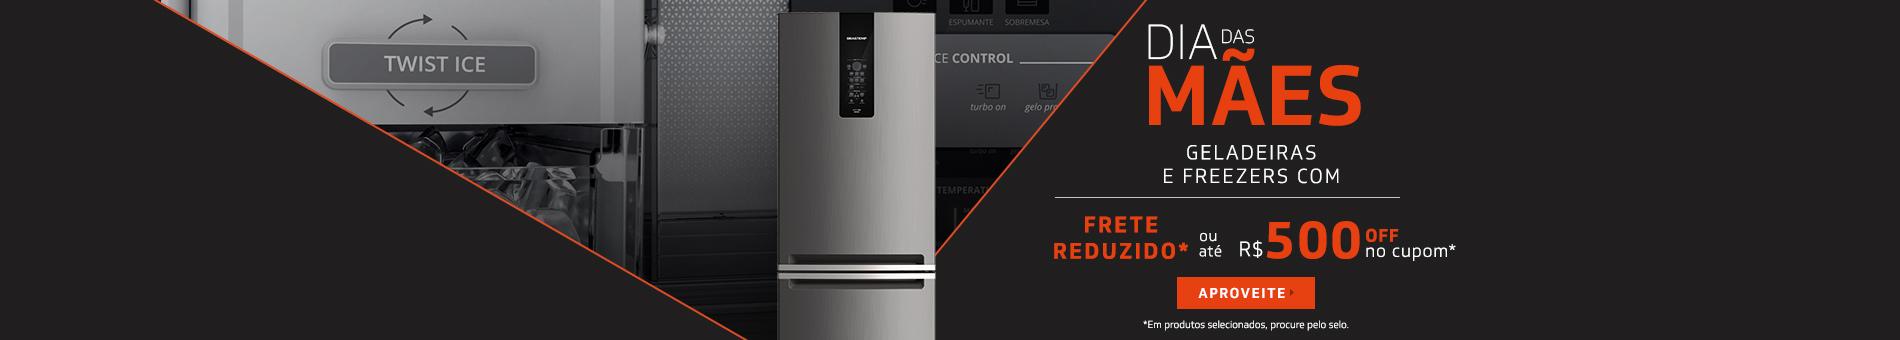 Promoção Interna - 2264 - camp-maes_refri-freezer-freteoucupom_25042018_home2 - refri-freezer-freteoucupom - 2